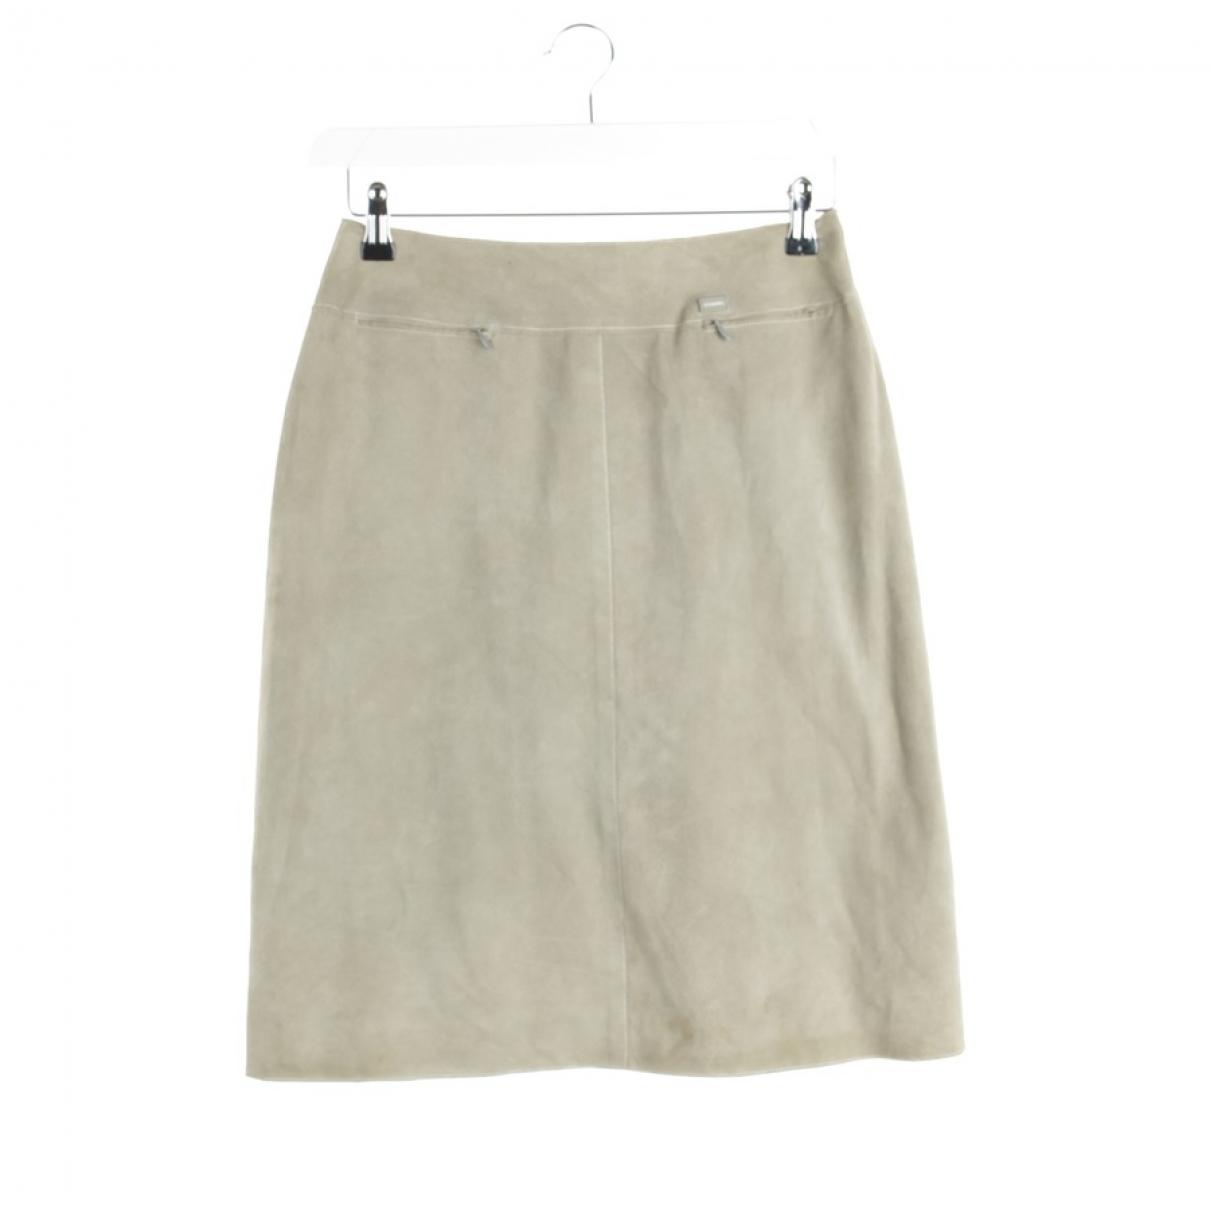 Chanel \N Beige Leather skirt for Women 36 FR